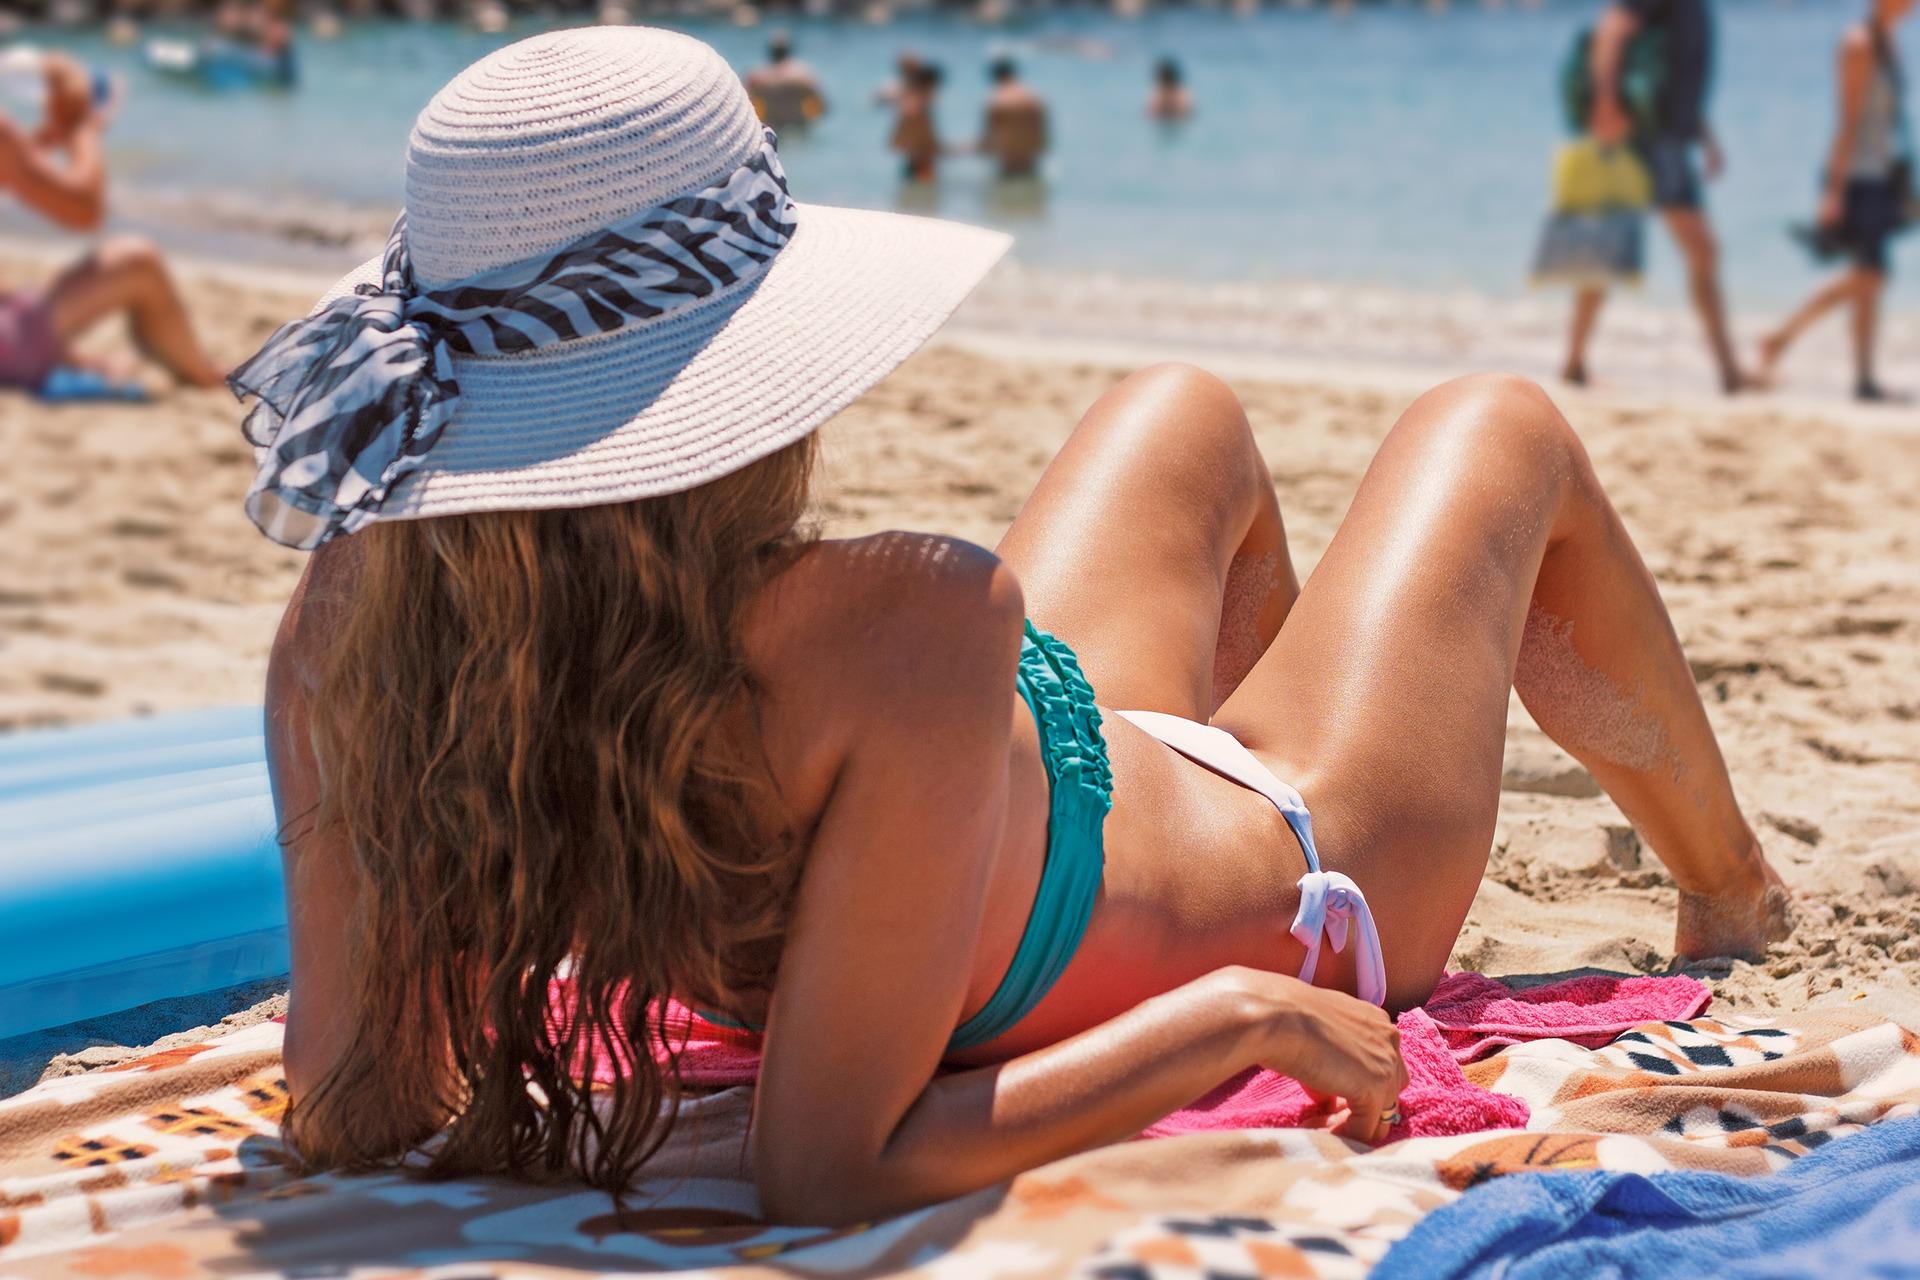 bikini-1959944_1920.jpg